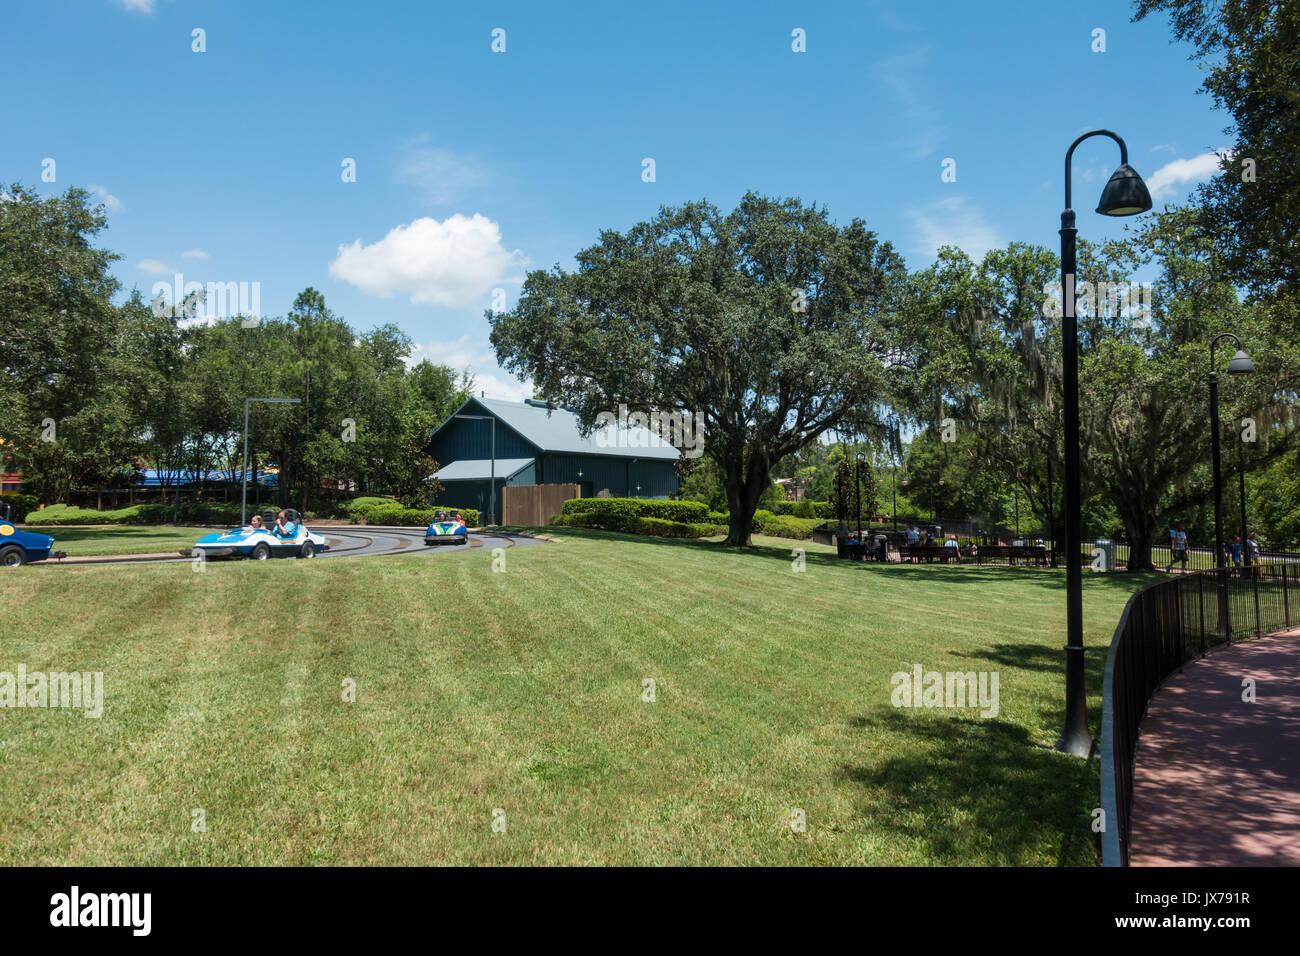 Por el lado de tierra tomorrowland Speedway en el Parque Temático Magic Kingdom, la ubicación de la nueva montaña rusa de Tron. Imagen De Stock